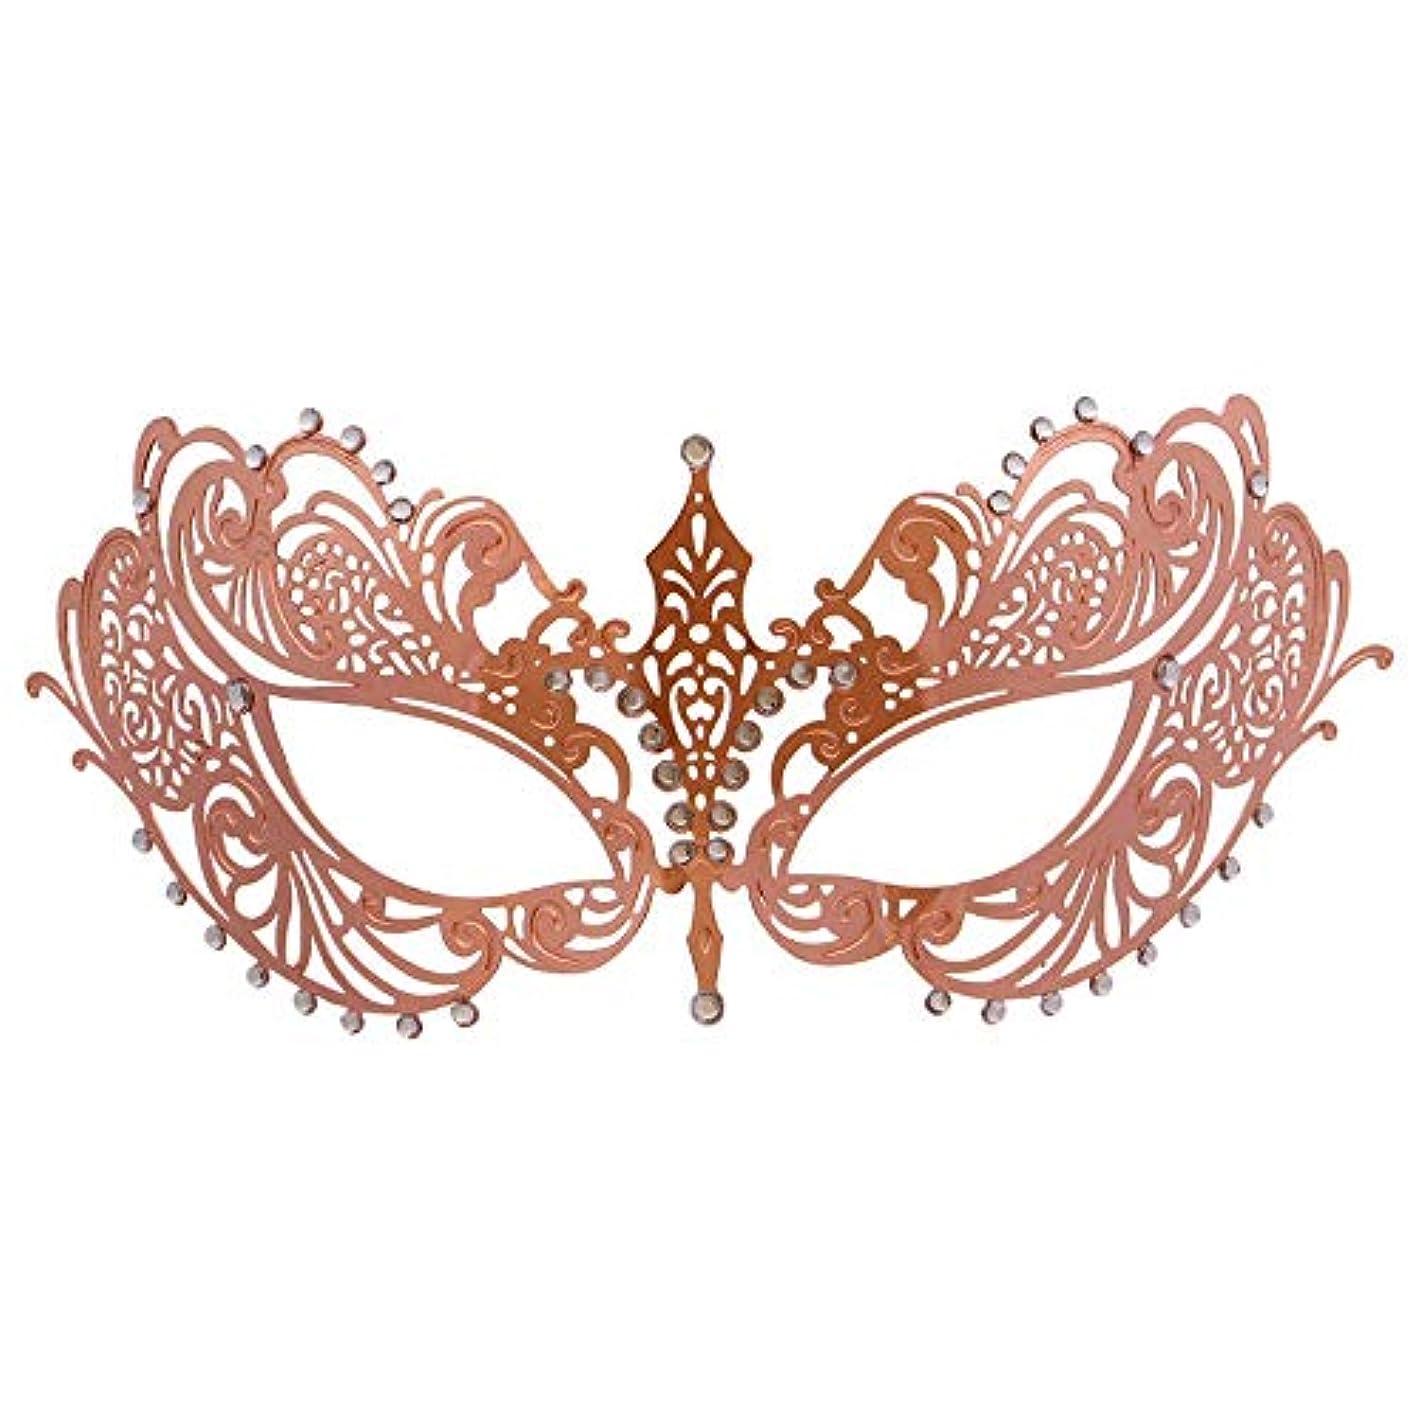 野望ほとんどの場合確実ダンスマスク 薄い鉄ハーフフェイスローズゴールド鉄ダイヤモンドハイエンドマスクハーフフェイスマスクコスプレパーティーハロウィンマスク ホリデーパーティー用品 (色 : Rose gold, サイズ : 19x8cm)